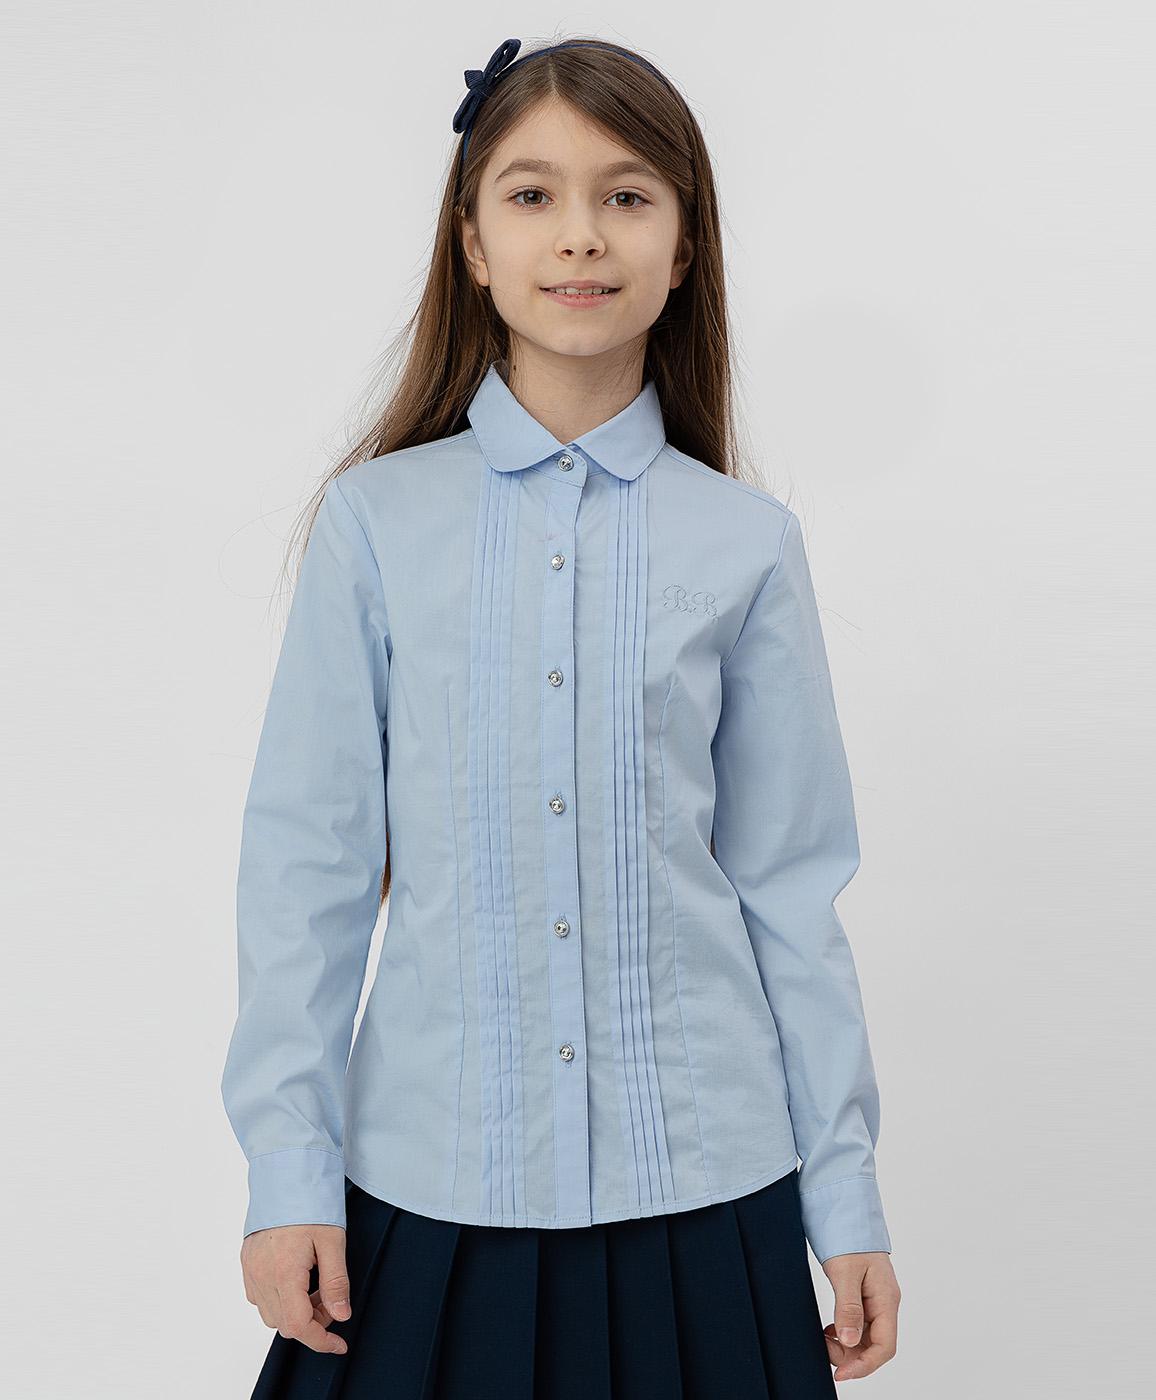 Купить 220BBGS22041800, Голубая рубашка Button Blue, голубой, 170, Хлопок, Женский, Демисезон, ШКОЛЬНАЯ ФОРМА 2020-2021 (shop: GulliverMarket Gulliver Market)